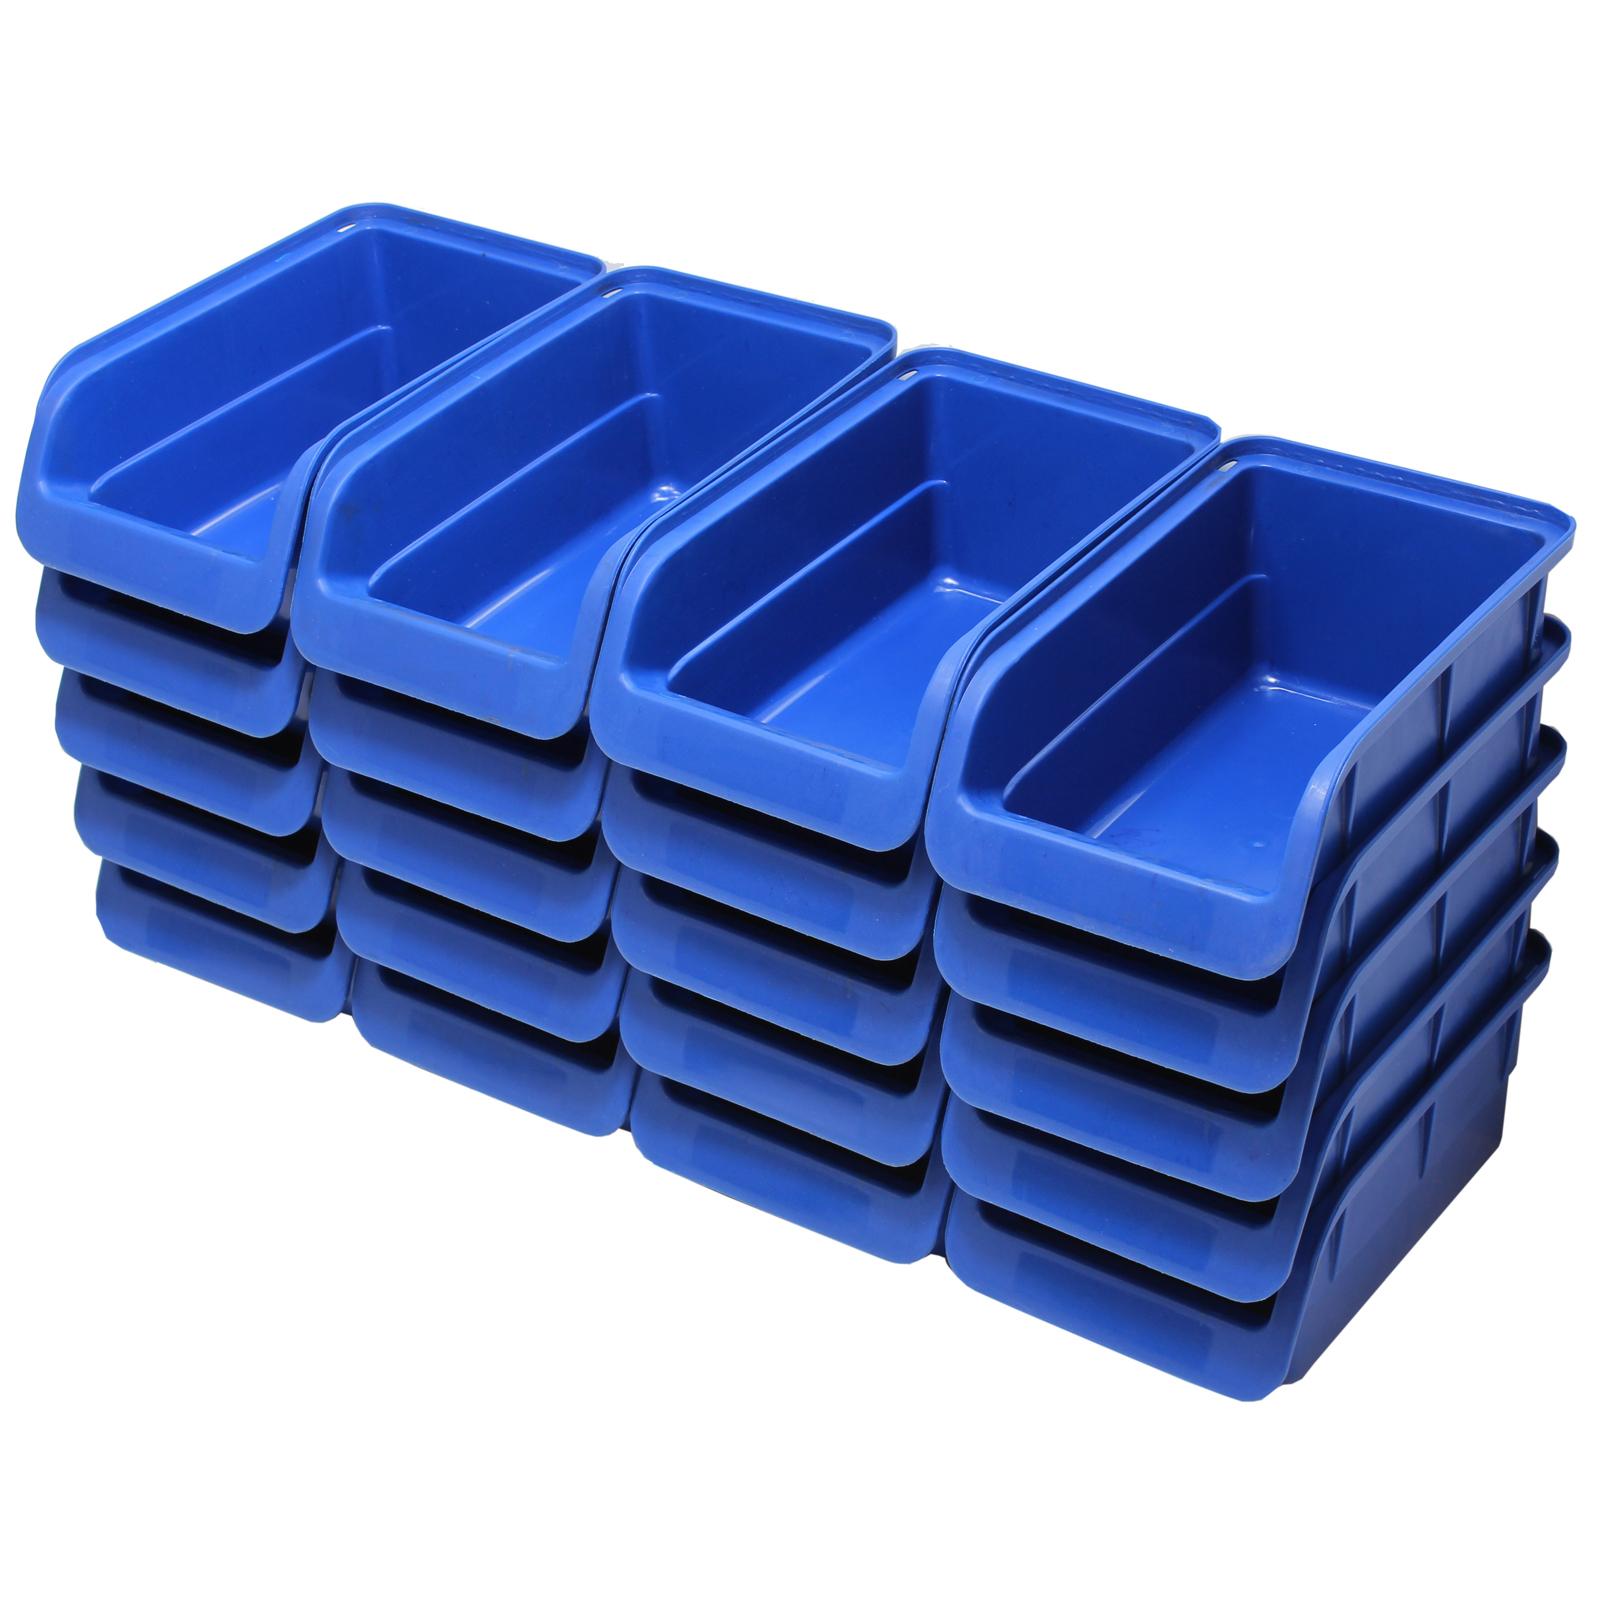 20pce free standing blue plastic storage bin kit garage for Best storage bins for garage